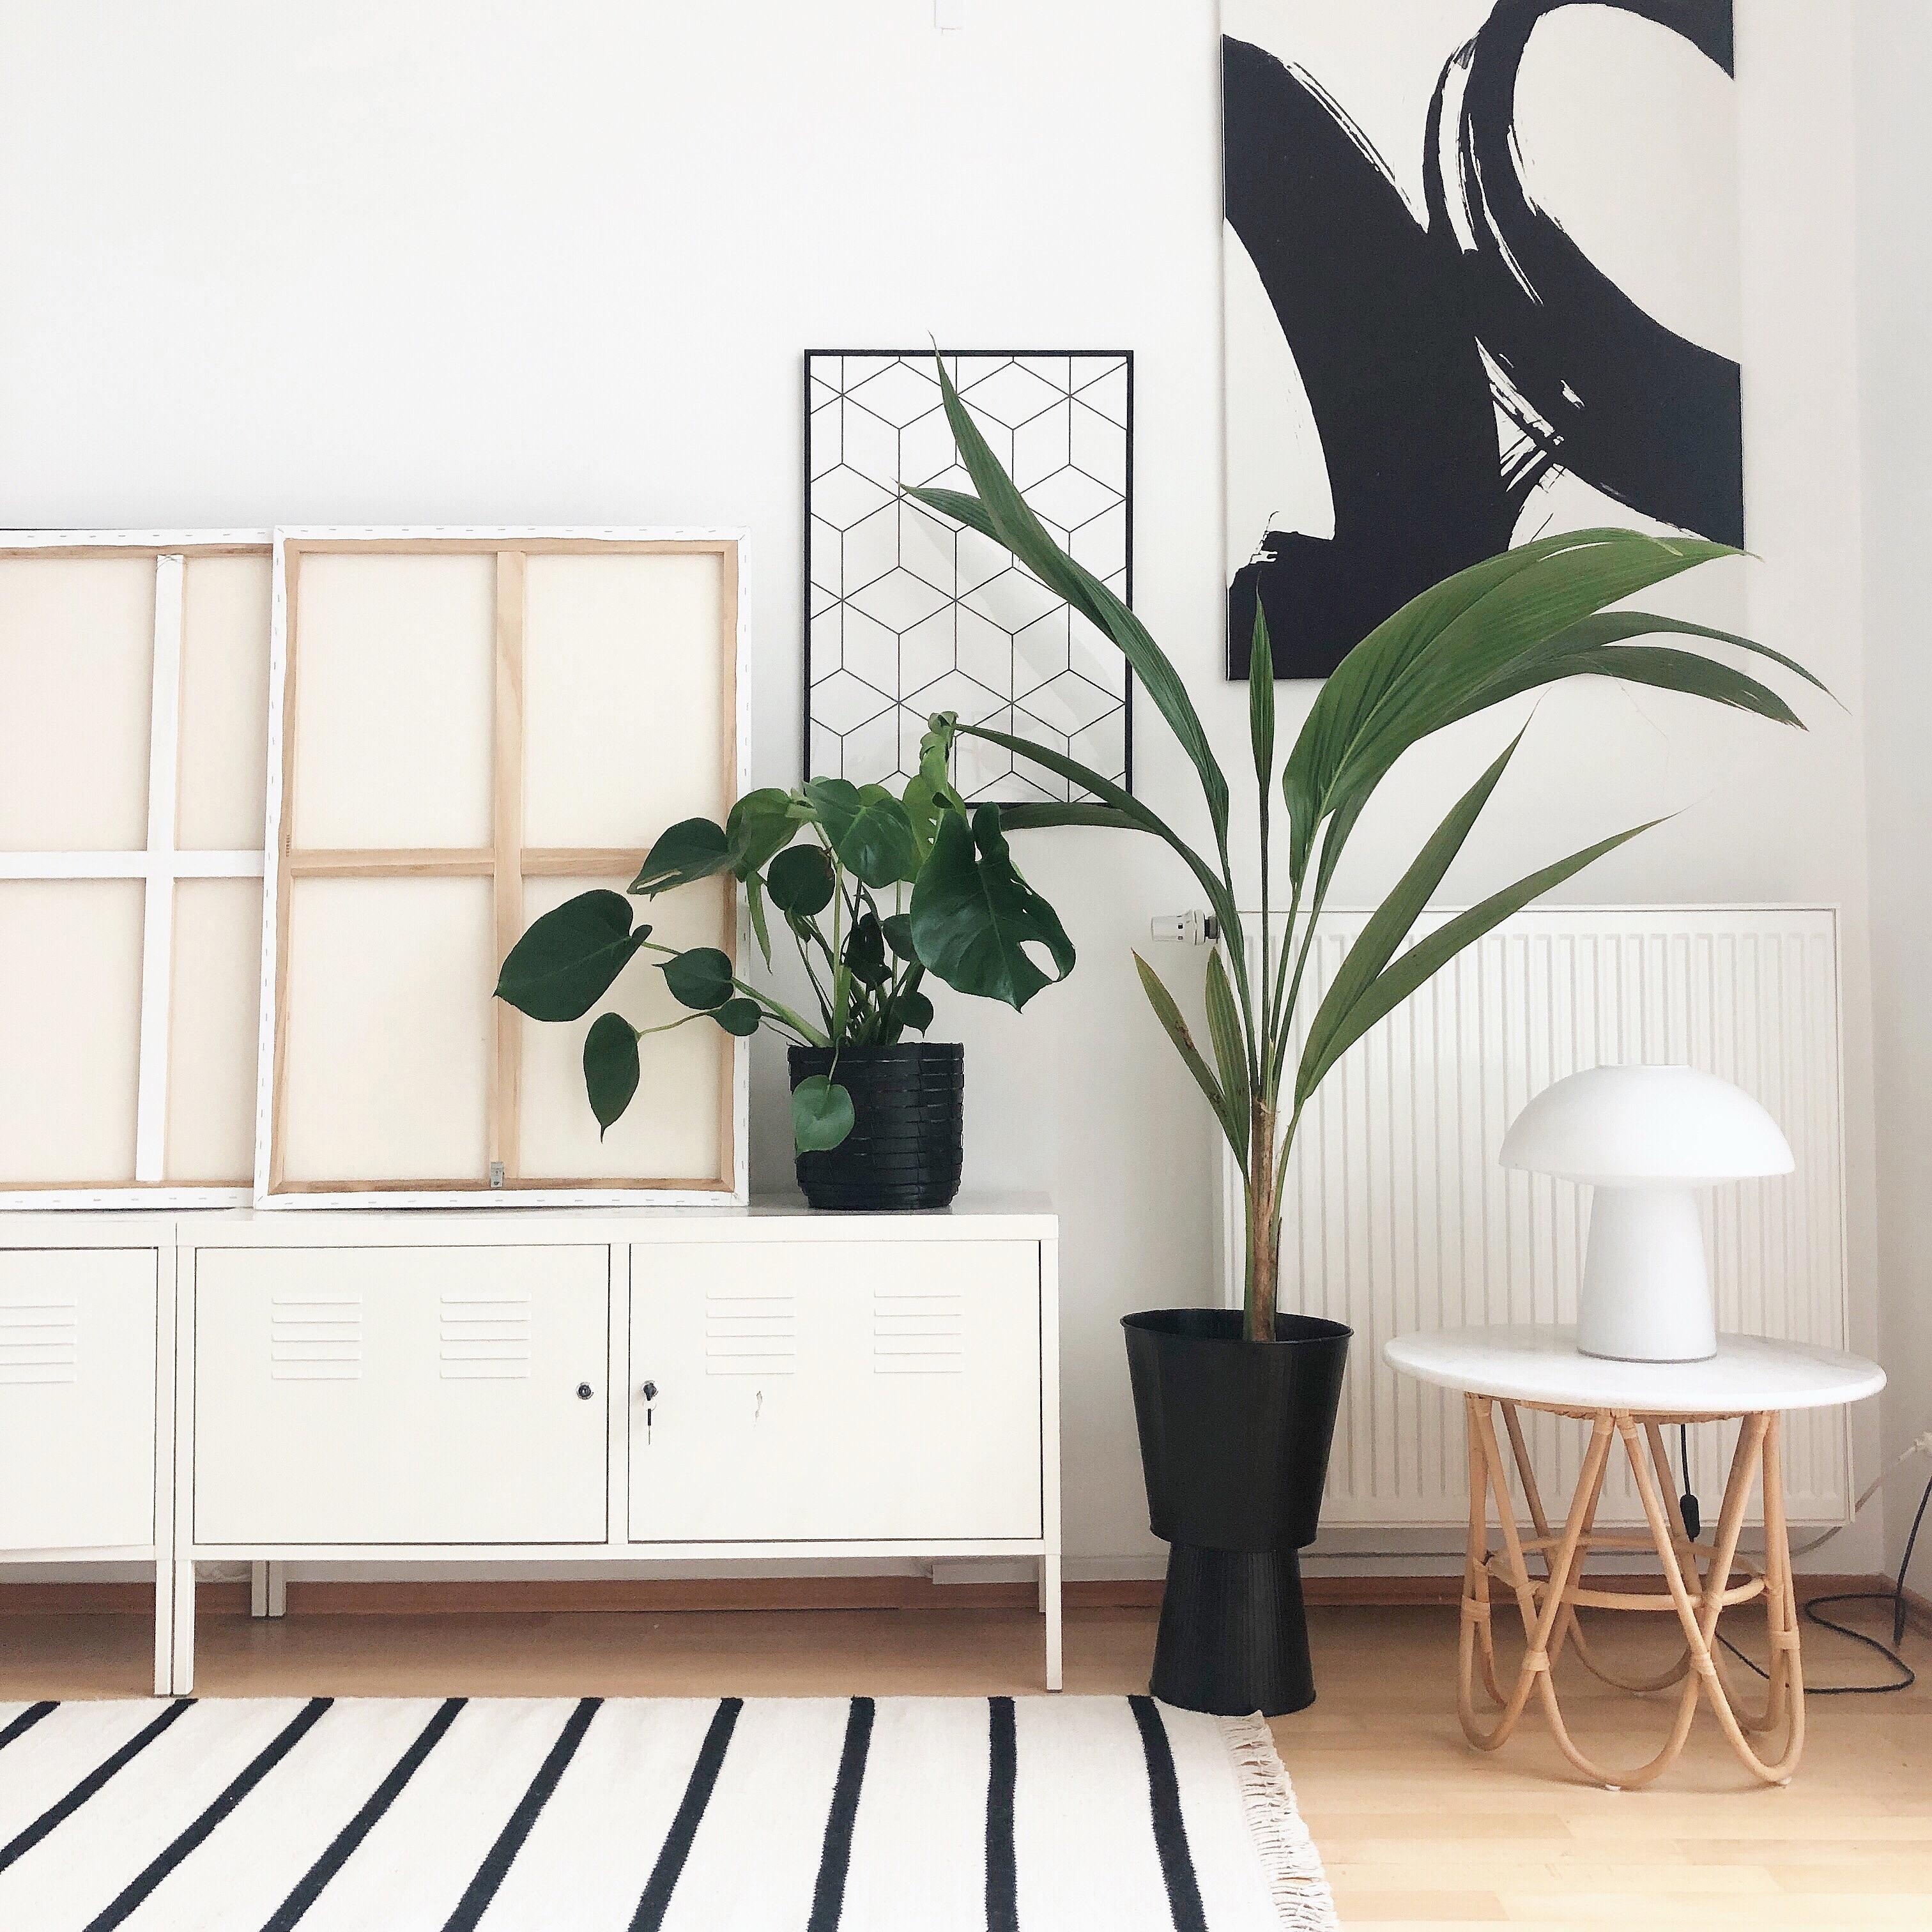 Pflanzen Fur Das Wohnzimmer – Caseconrad.com